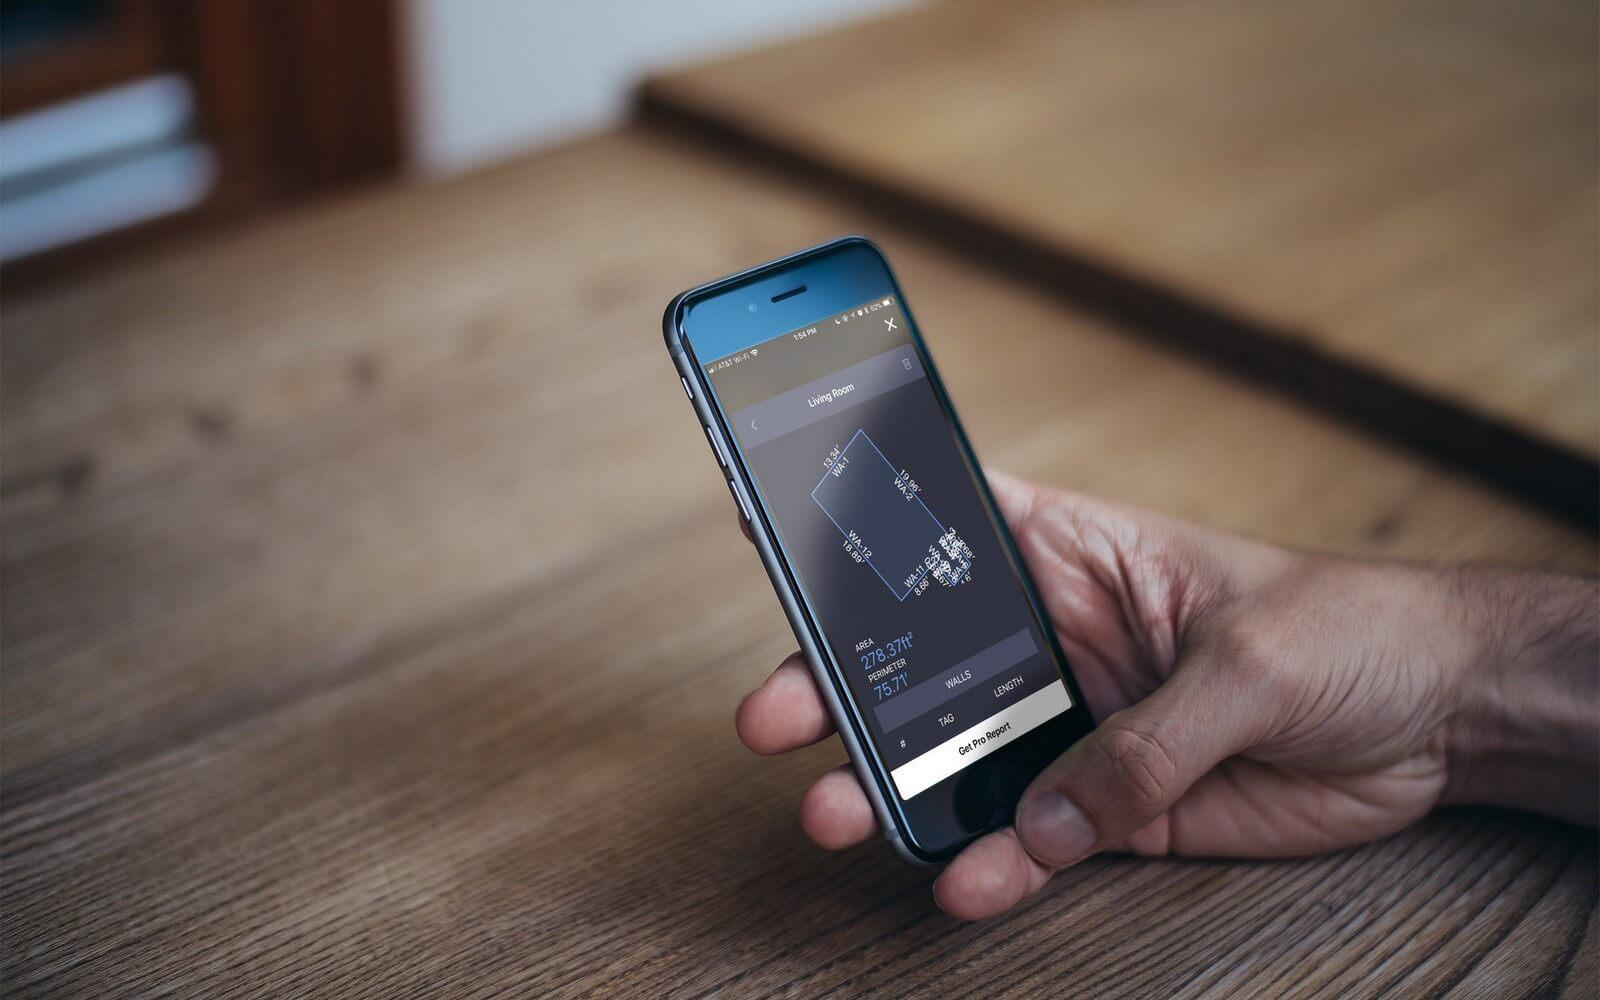 Приложение Measure для iOS 12 появилось в App Store